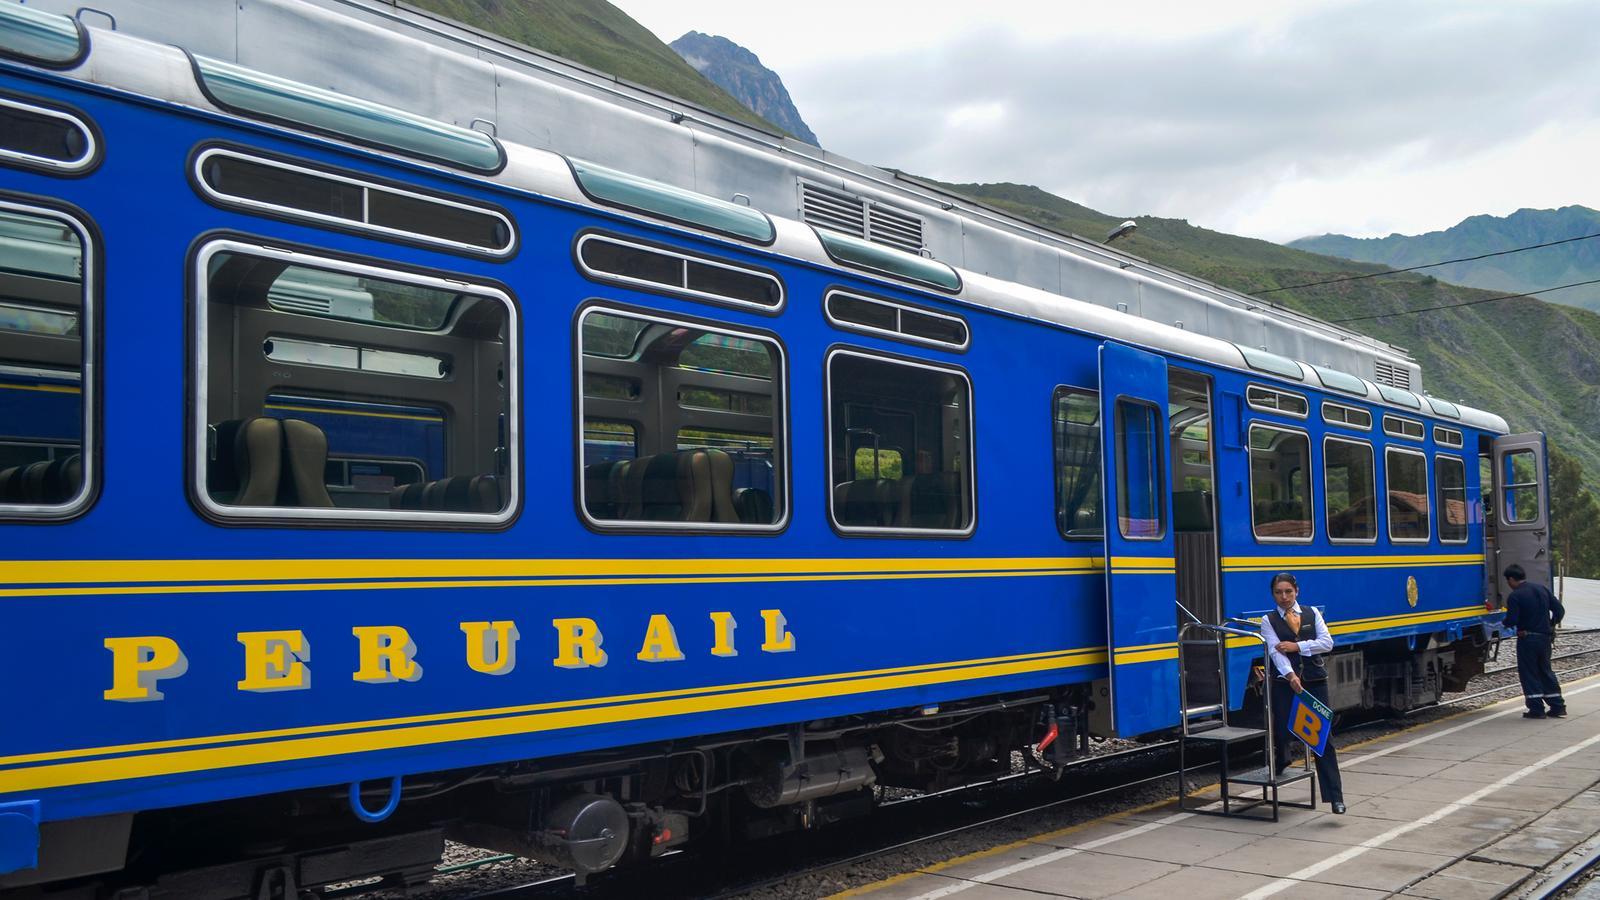 """Afbeeldingsresultaat voor peru train"""""""